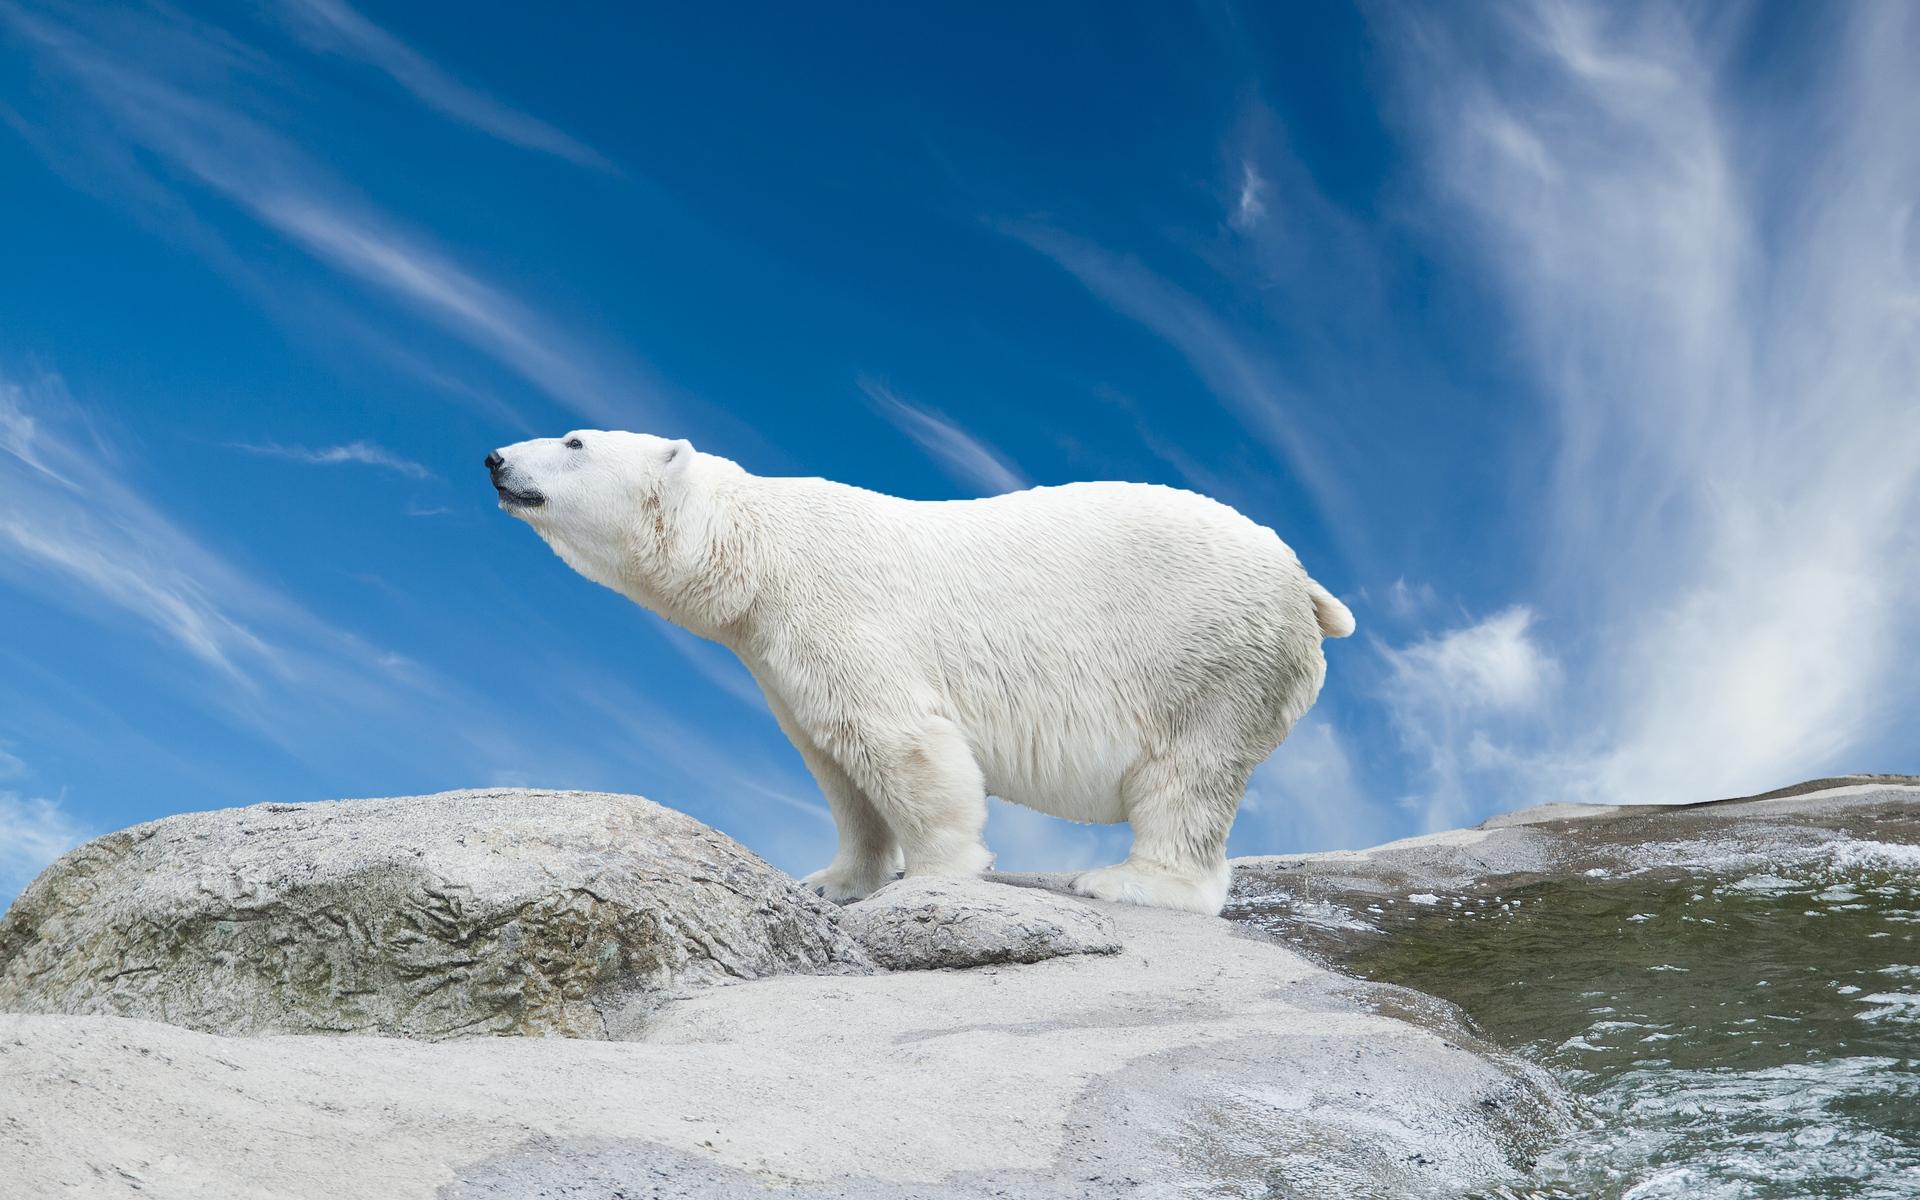 Медведь на севере картинки